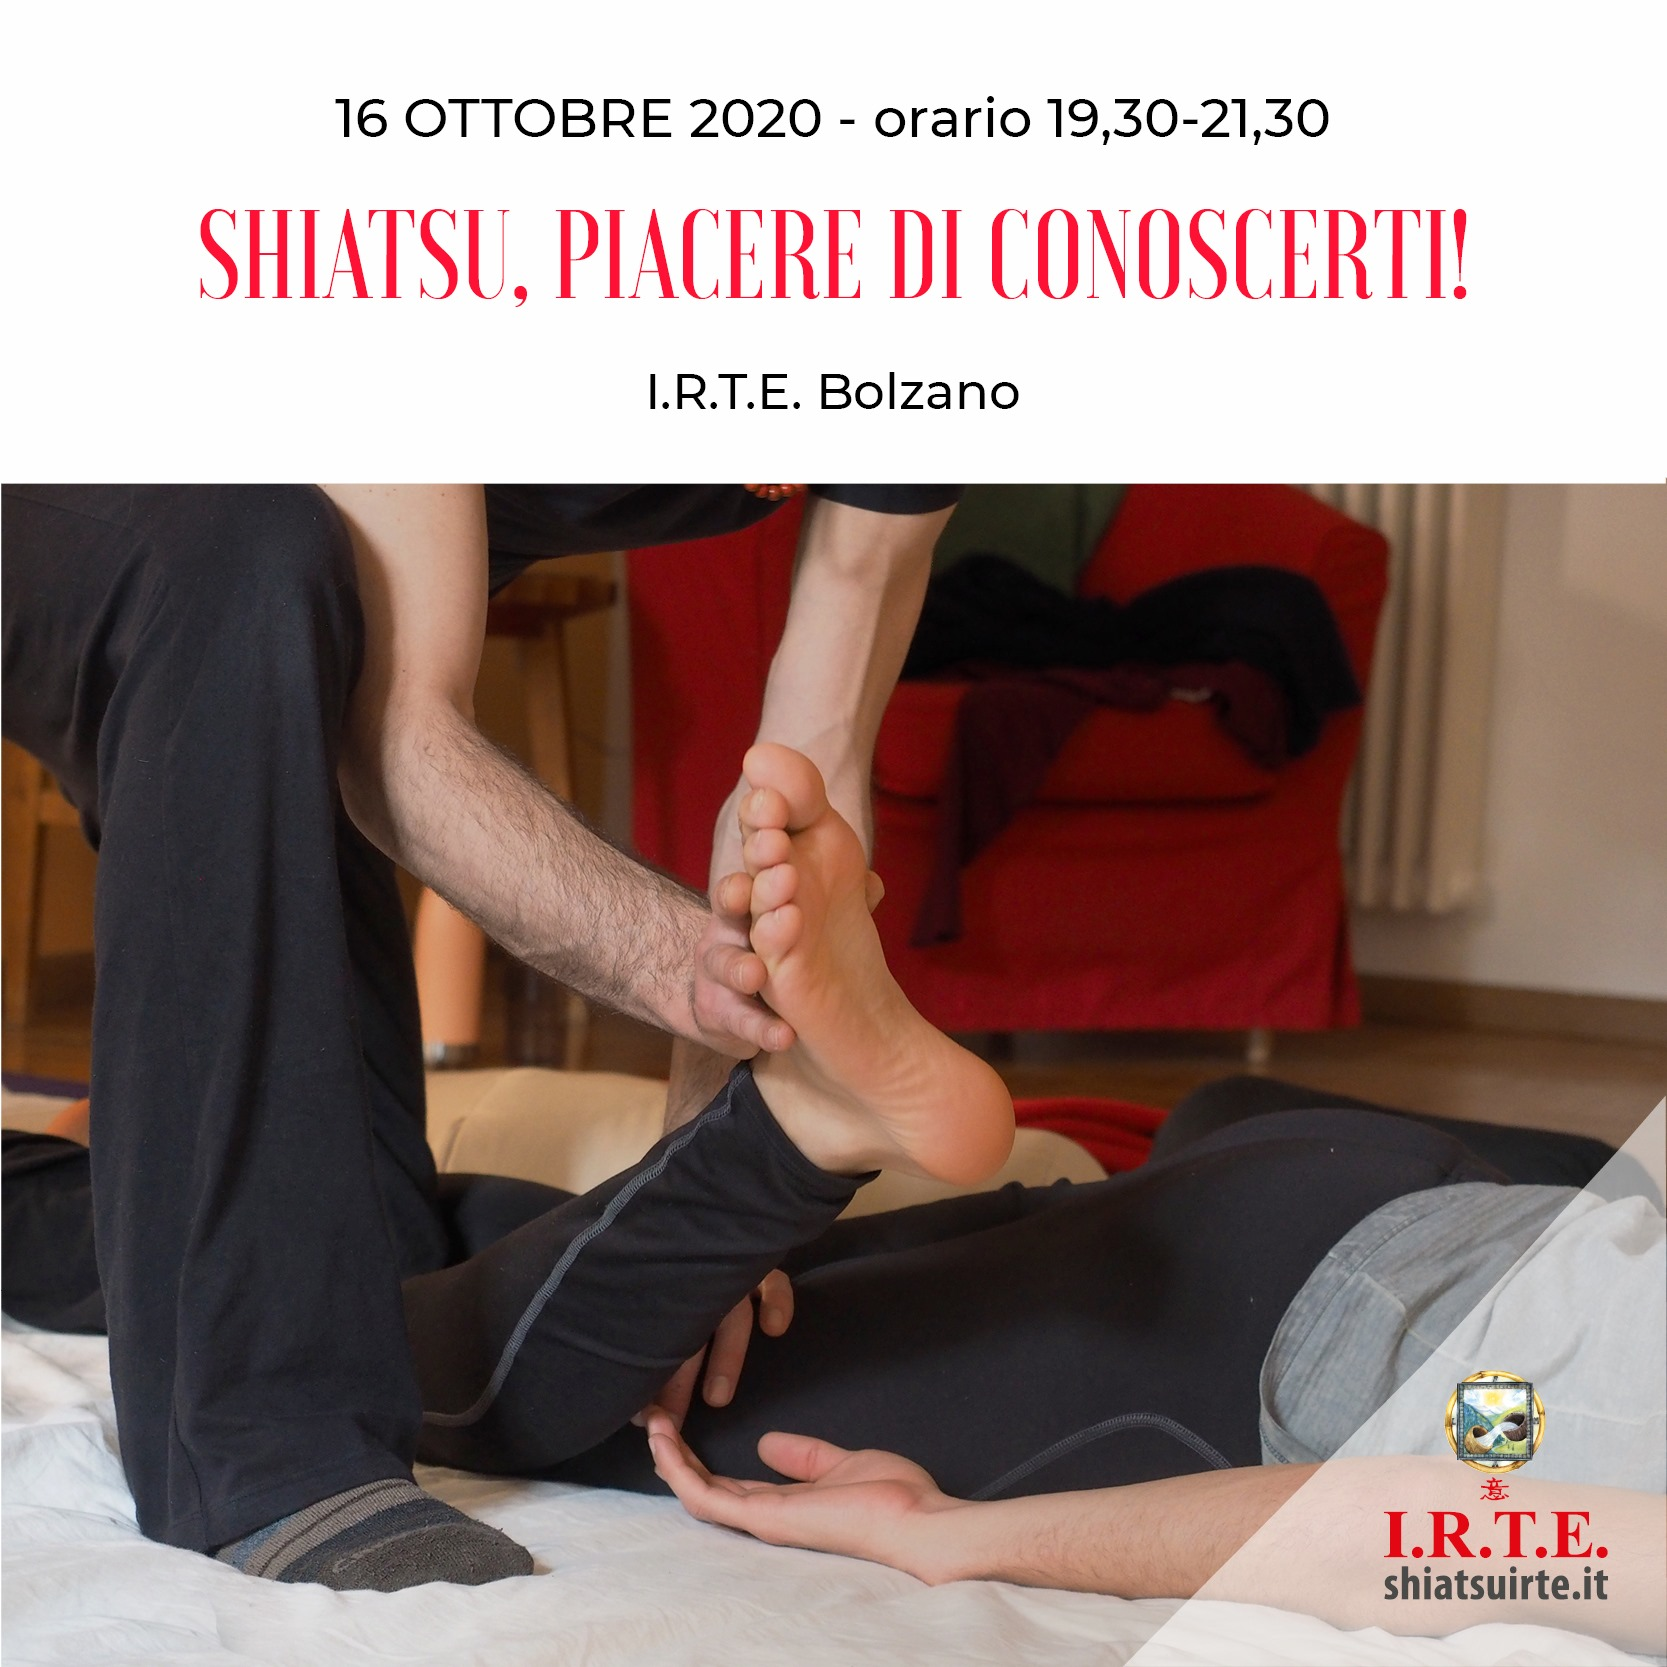 Bolzano, 16 Ottobre 2020 Piacere di conoscerti